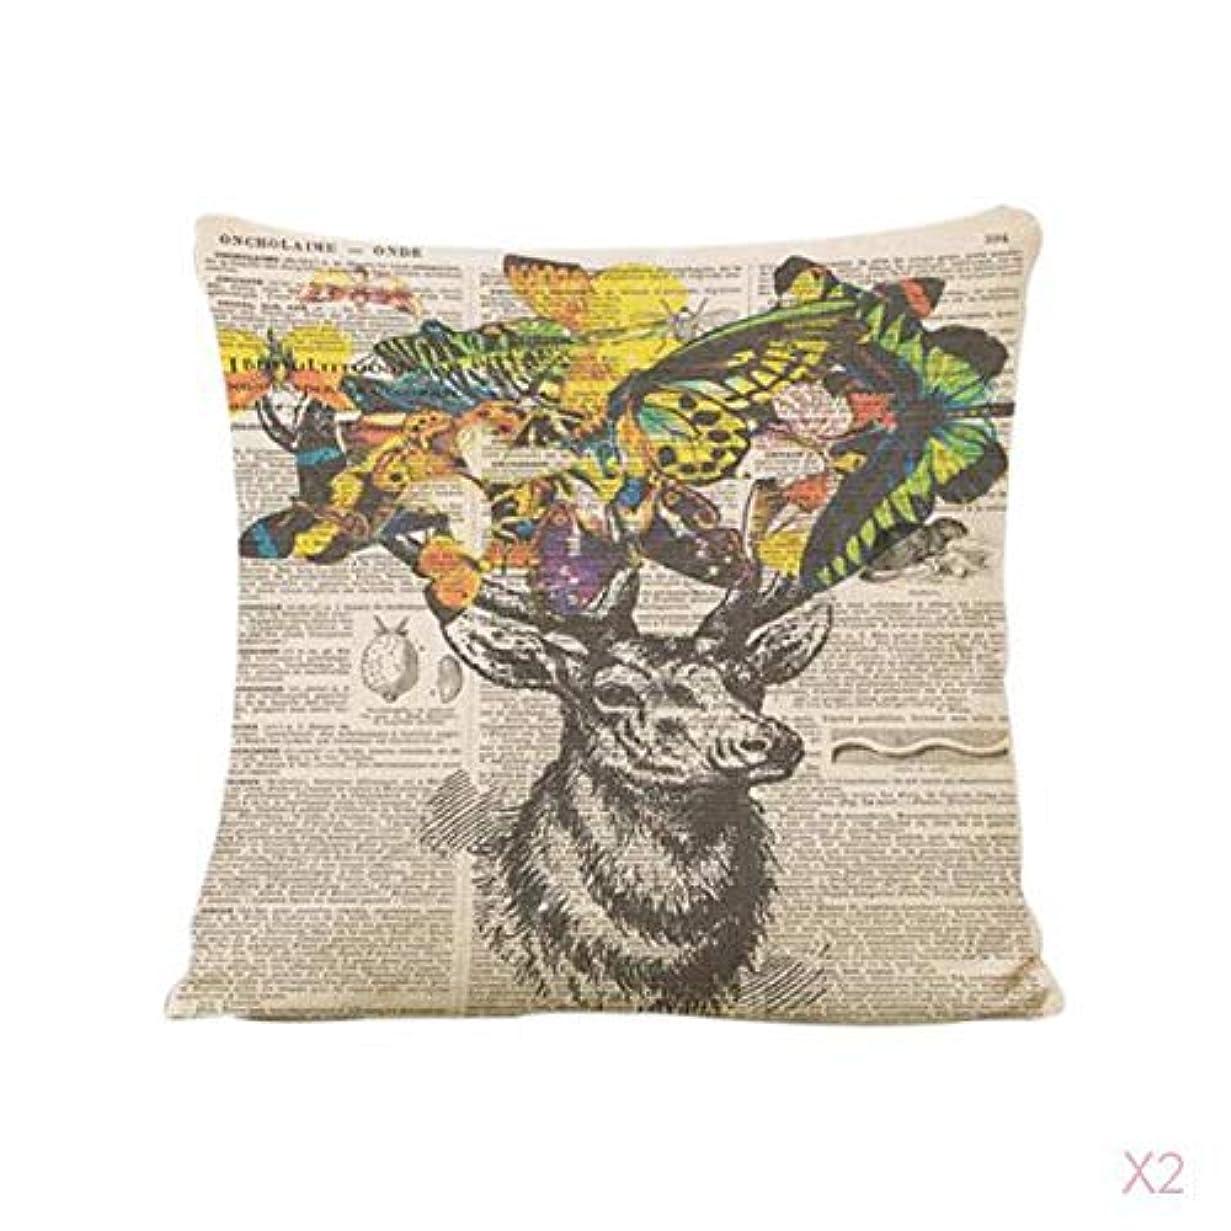 意志に反する暴動バンヴィンテージ家の装飾トナカイリネン枕カバーソファ腰投げクッションカバー